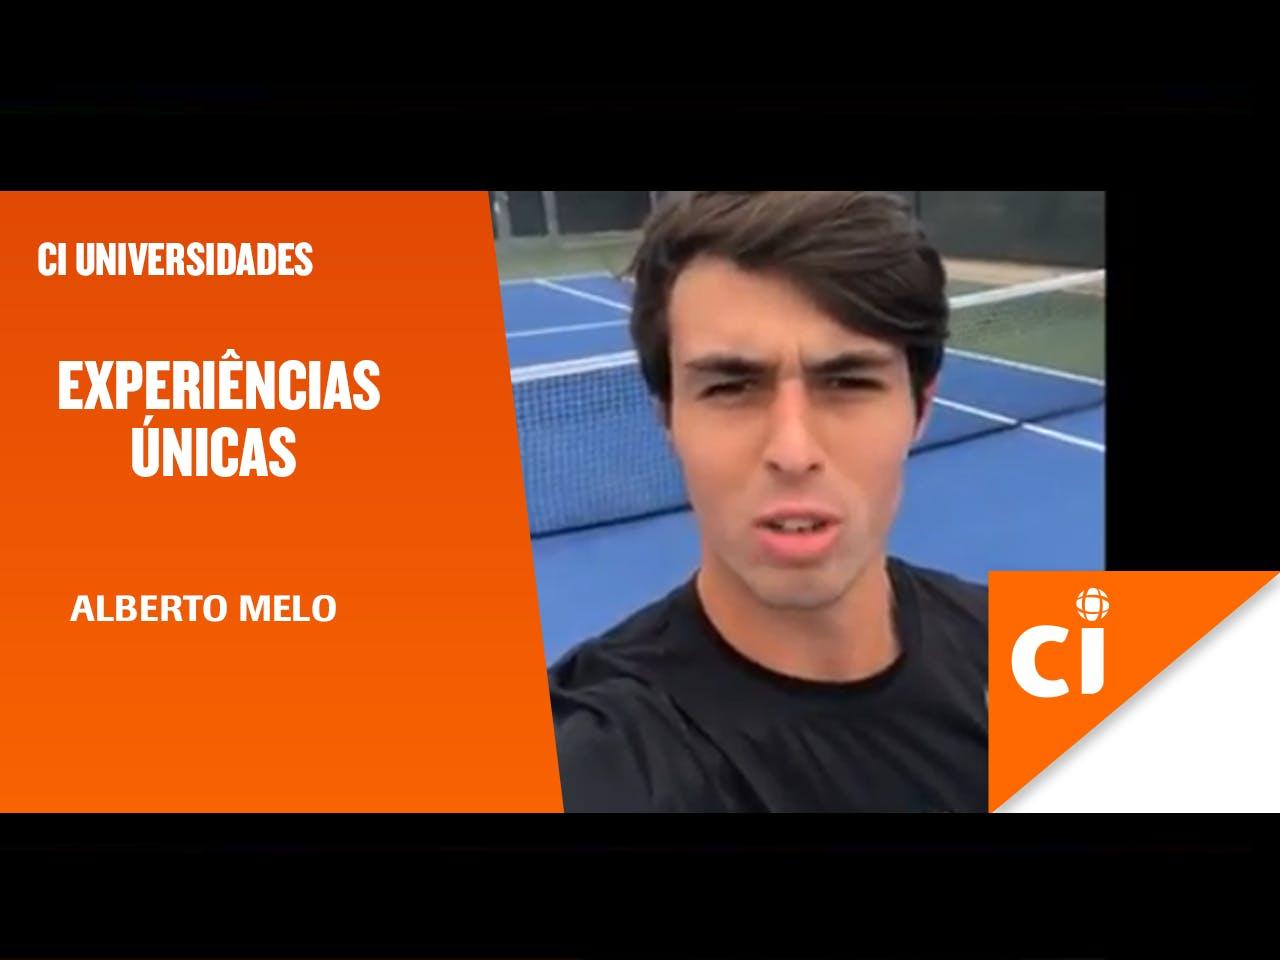 #ExperiênciasÚnicas - Alberto Mello